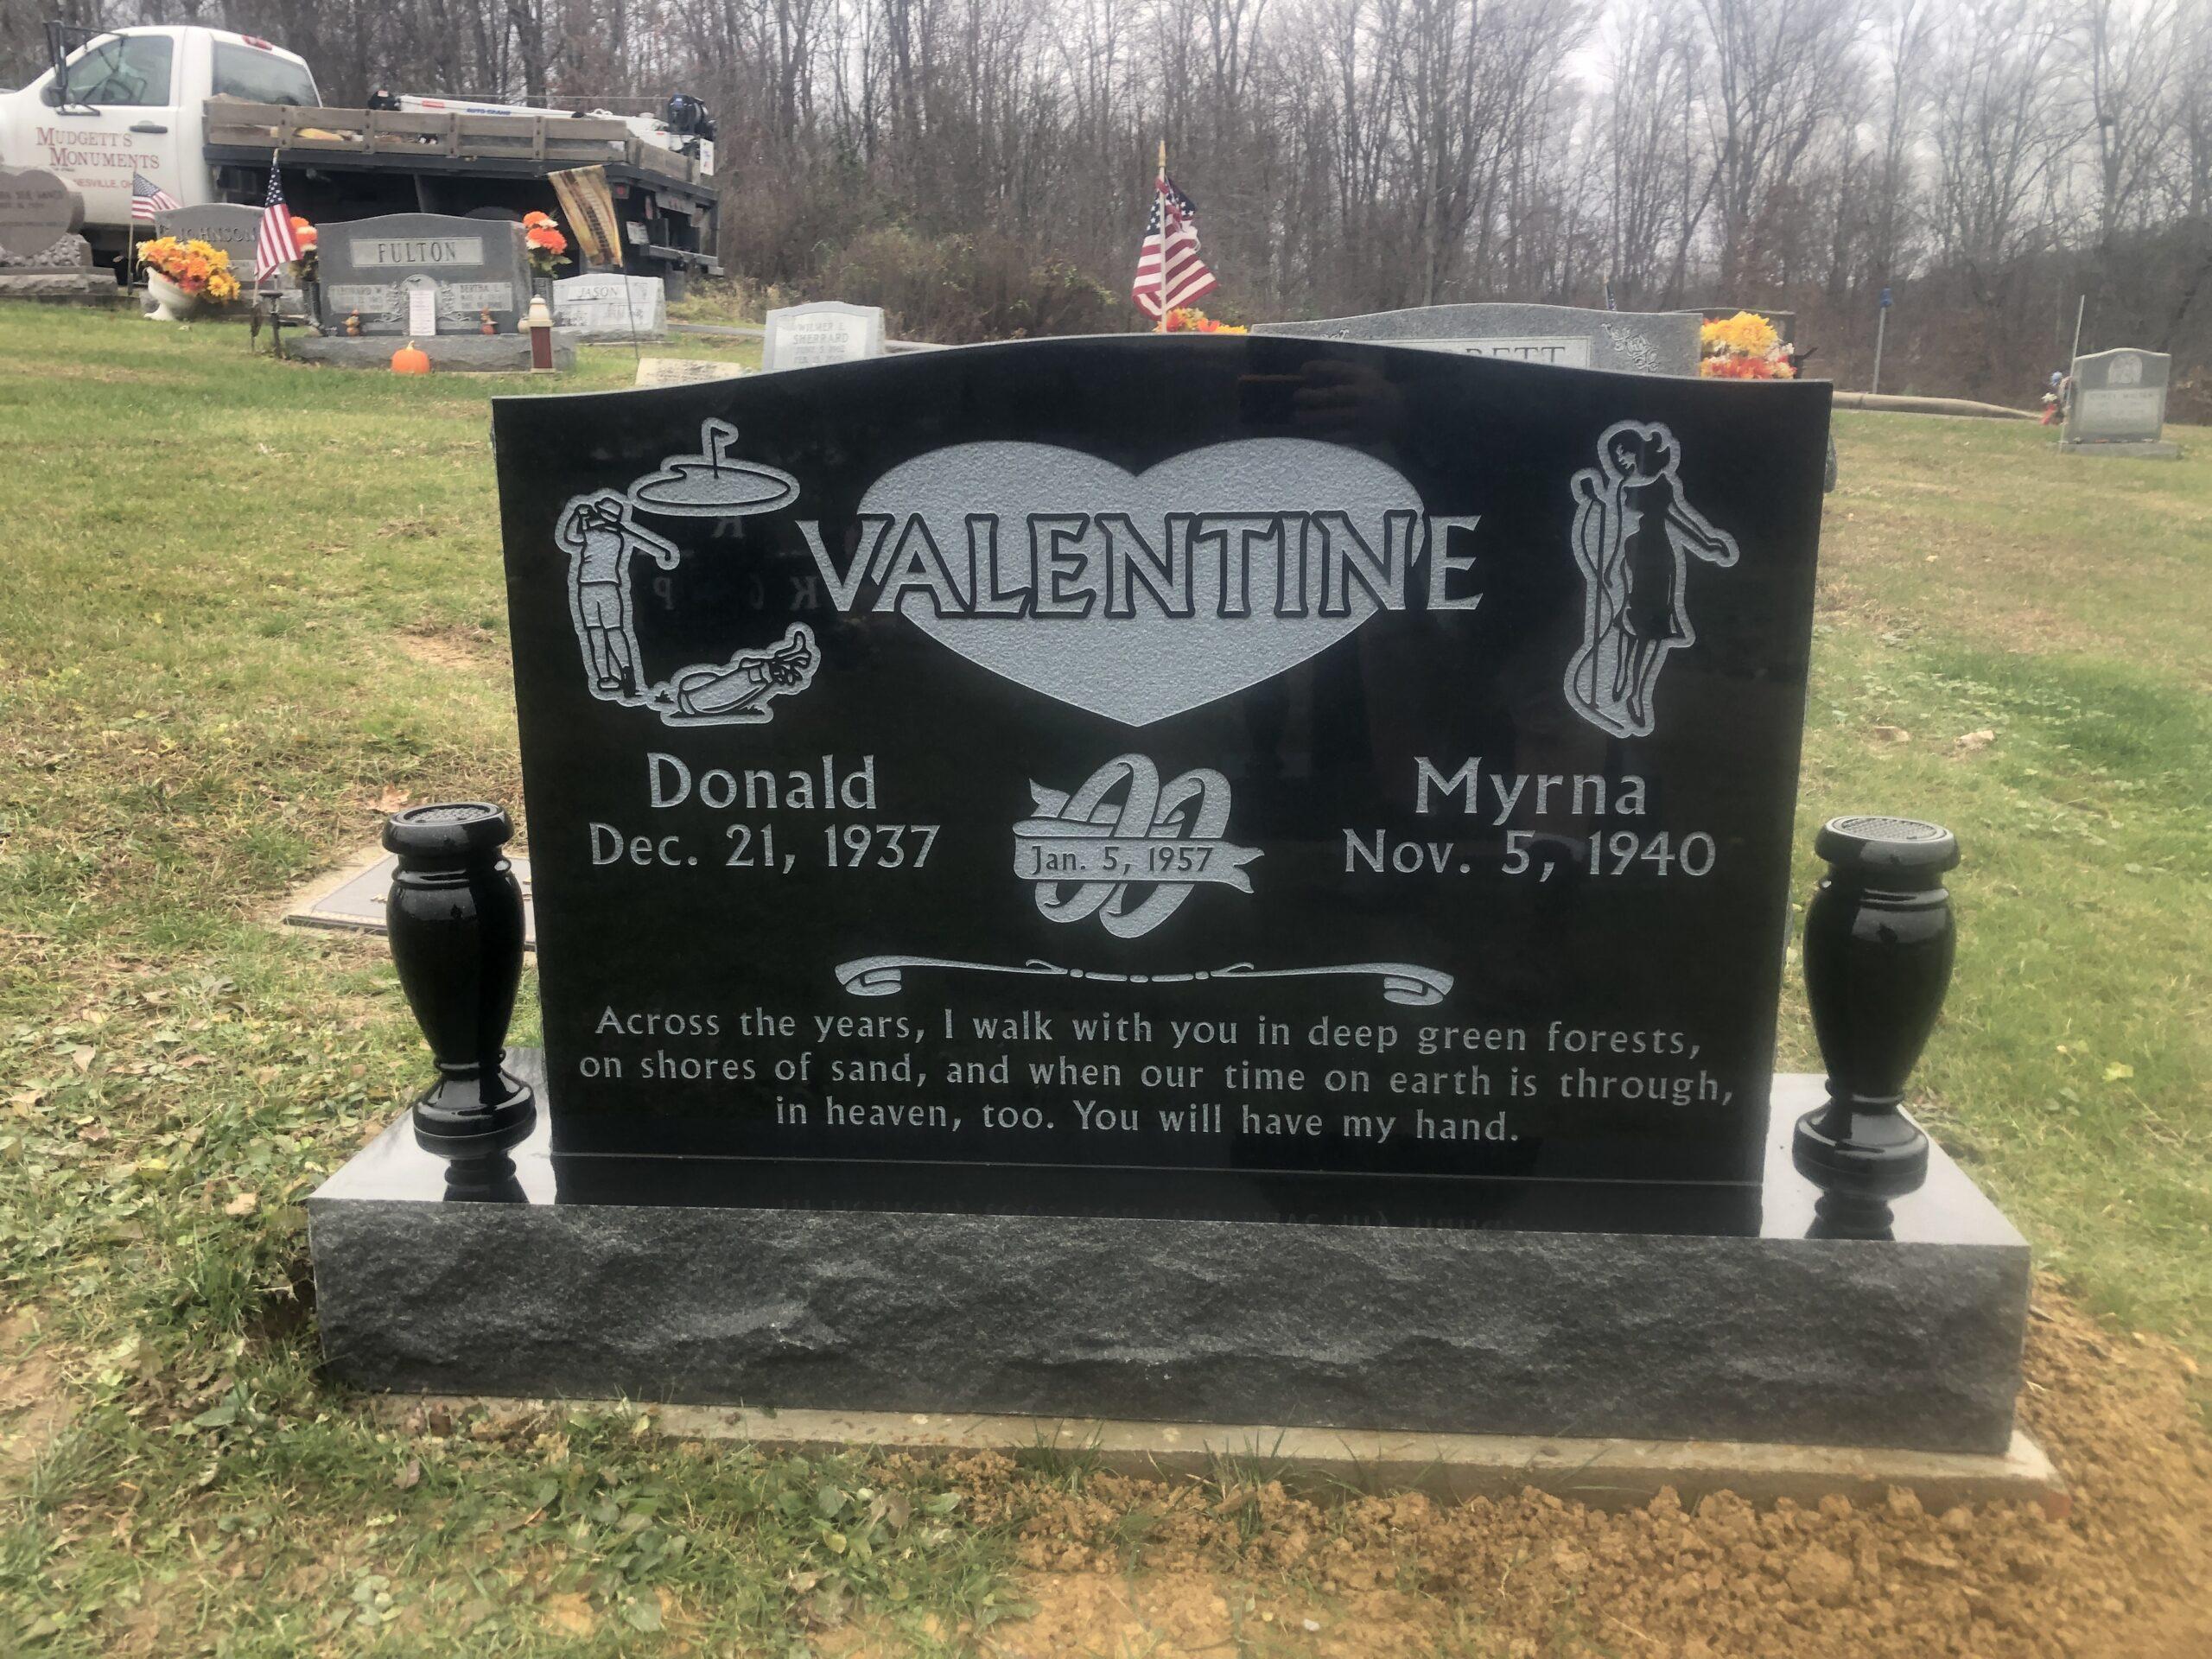 Valentine, Donald